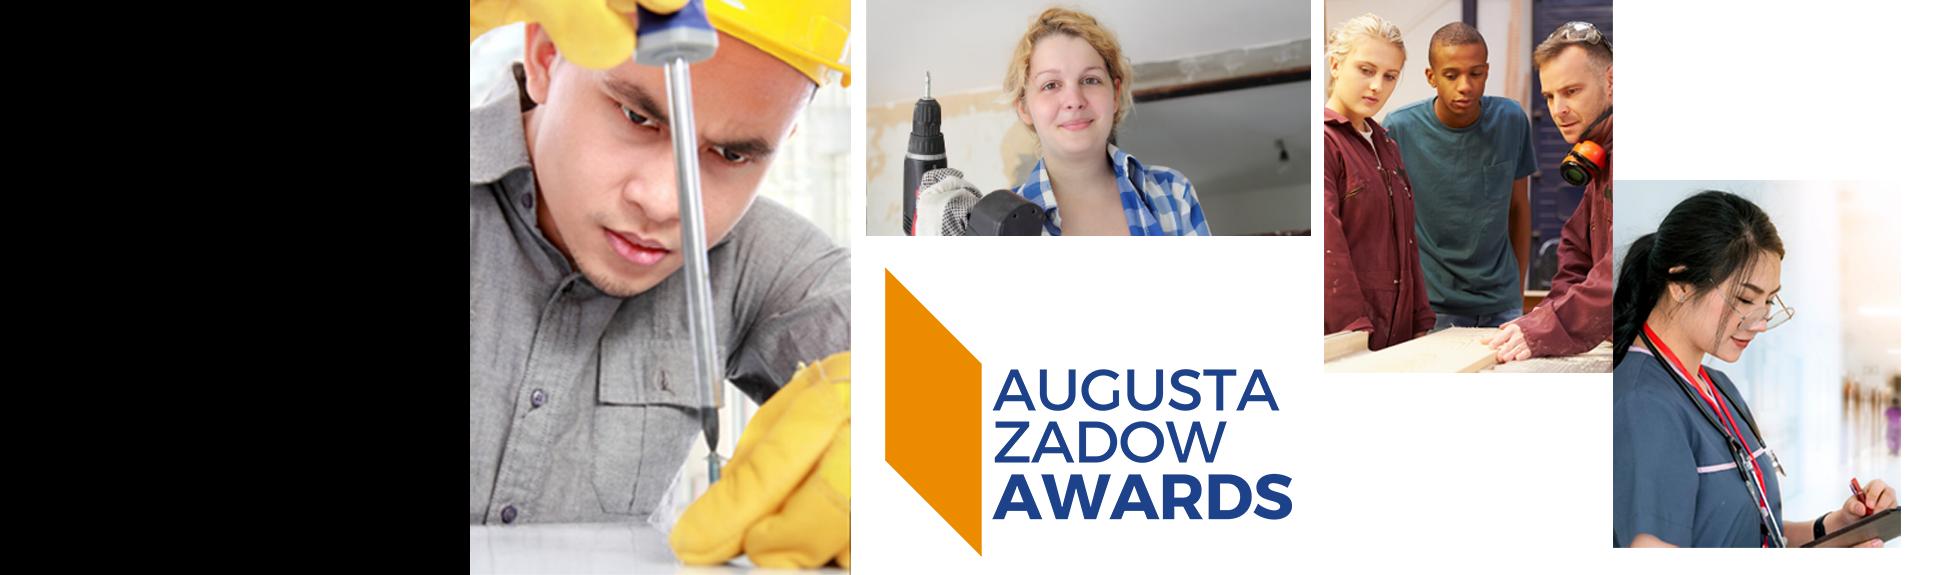 Augusta Zadow Awards